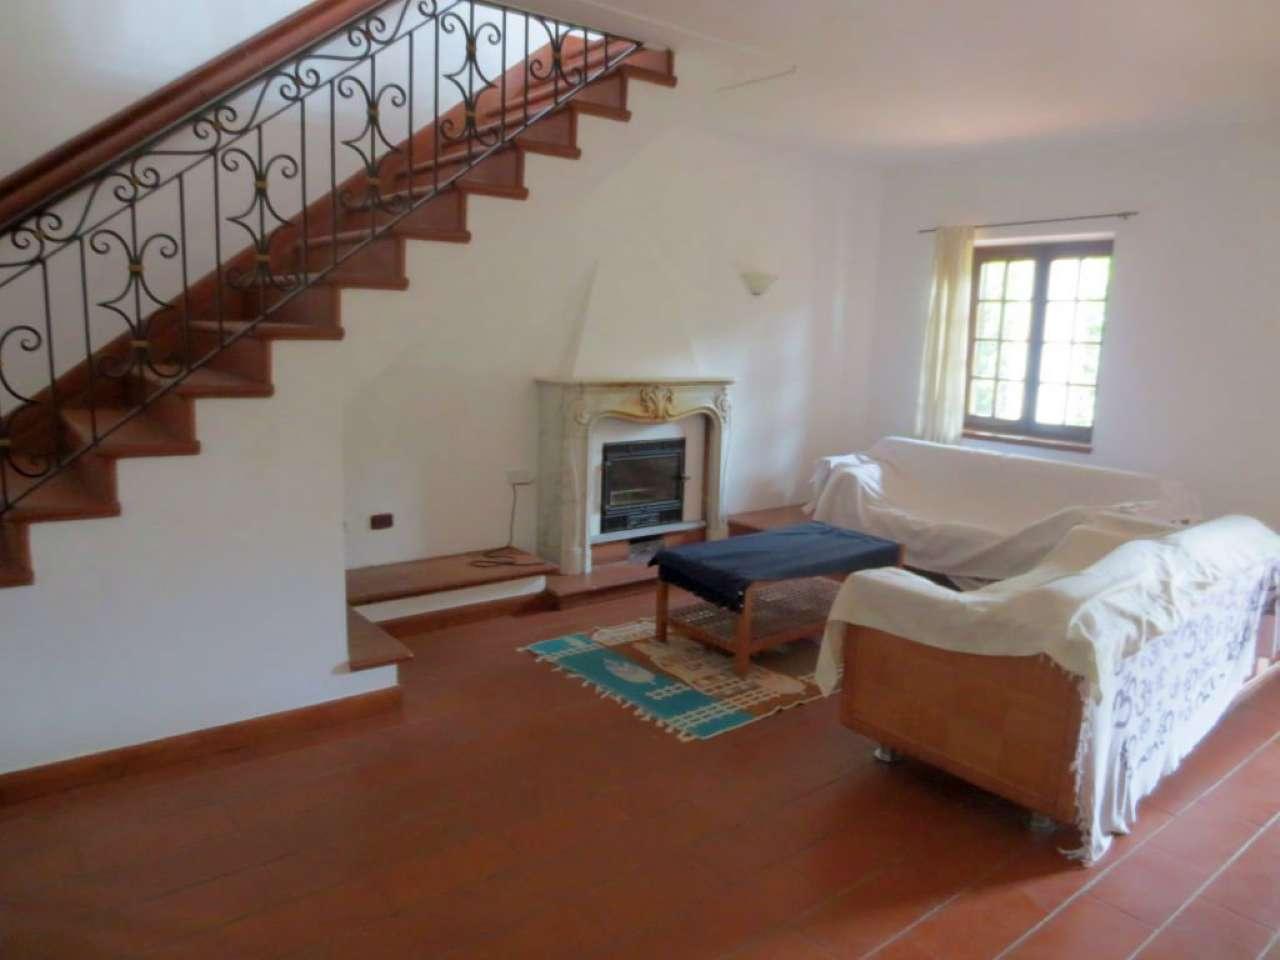 Villa in affitto a Pecetto Torinese, 5 locali, prezzo € 2.000 | CambioCasa.it